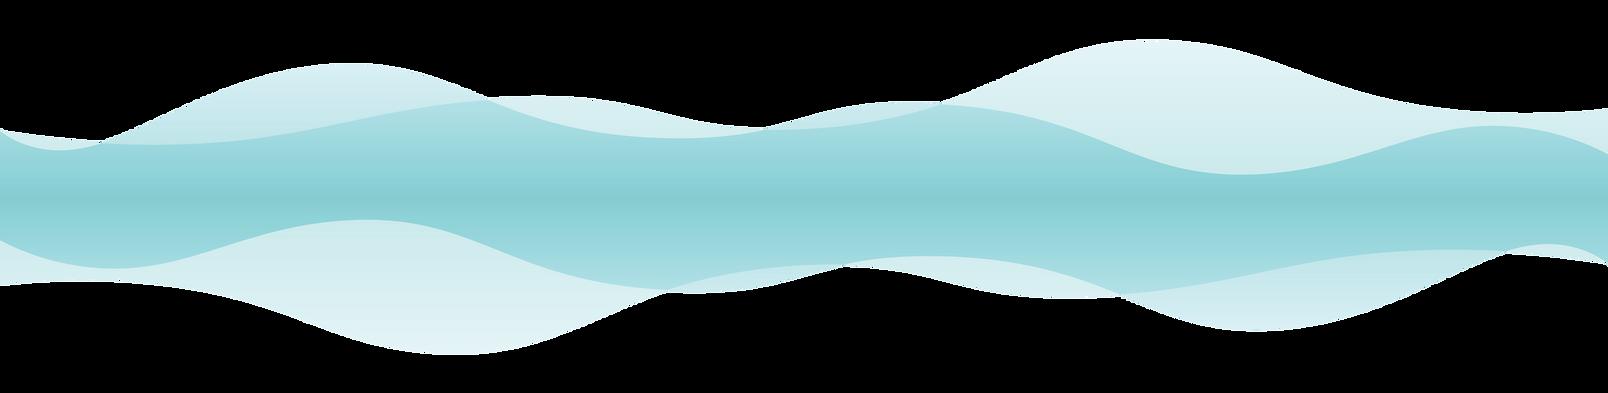 Thin_WavesArt-03_trans.png